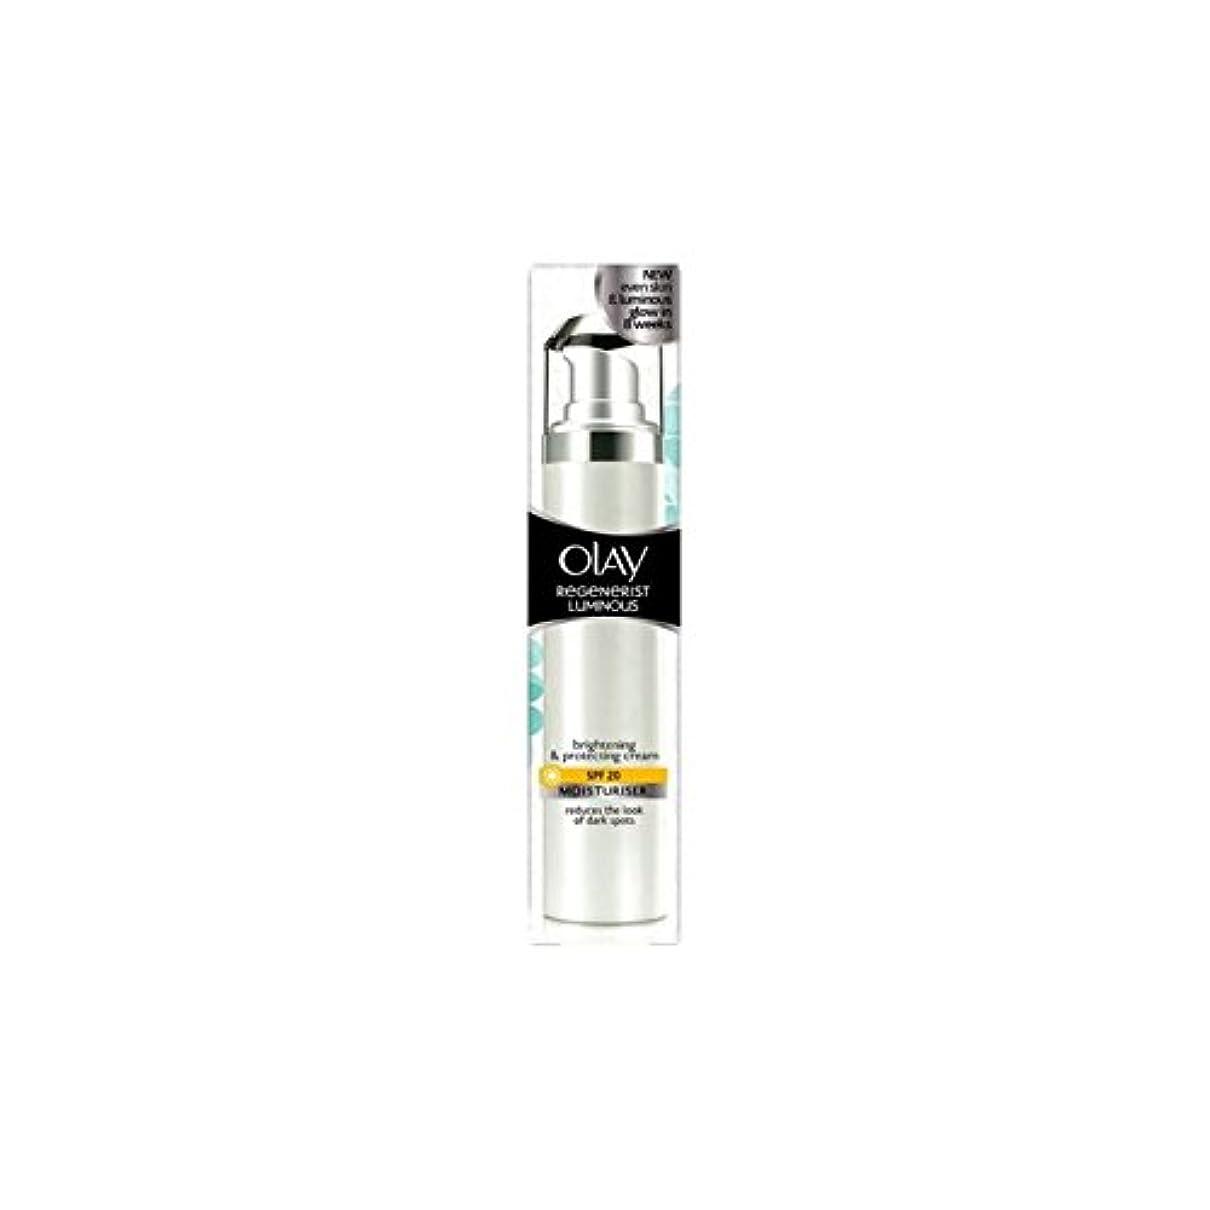 ハリケーン切手食べるOlay Regenerist Luminous Day Cream Spf20 (50ml) - オーレイリジェネ発光デイクリーム20(50ミリリットル) [並行輸入品]